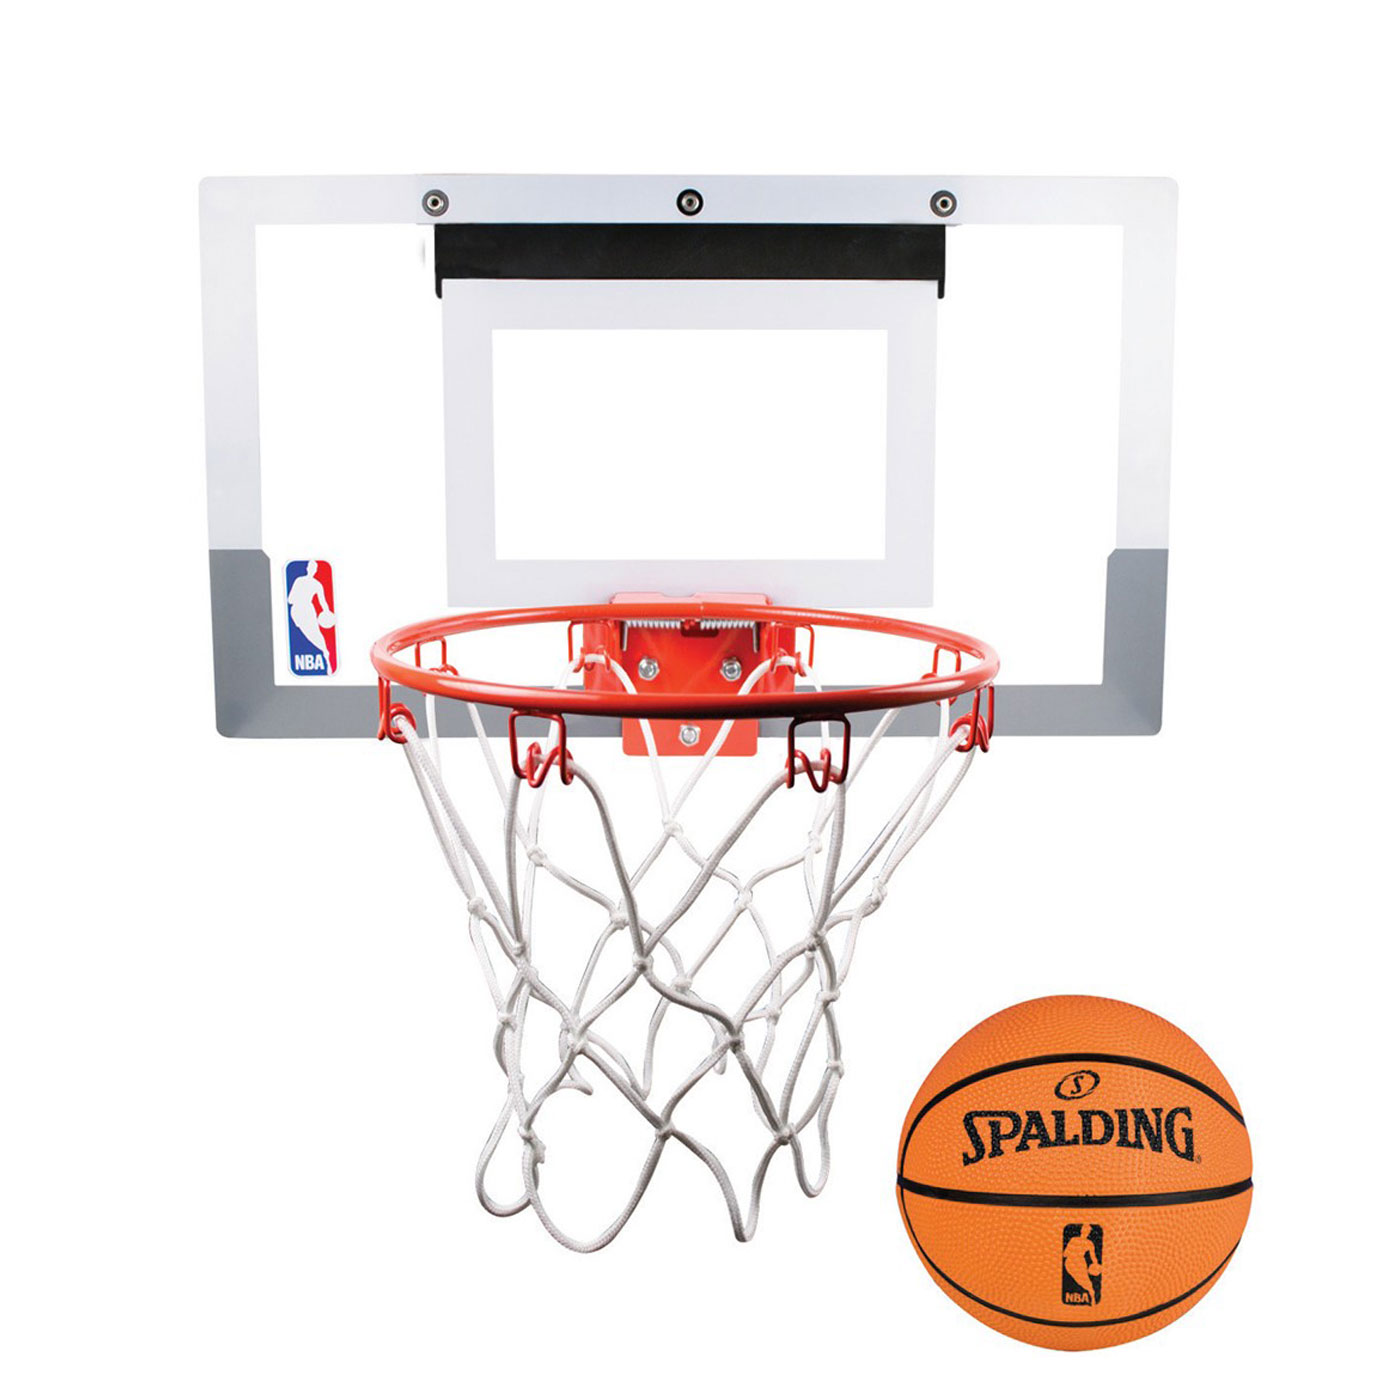 SPALDING NBA室內小籃板 SPB56099 - 白橘